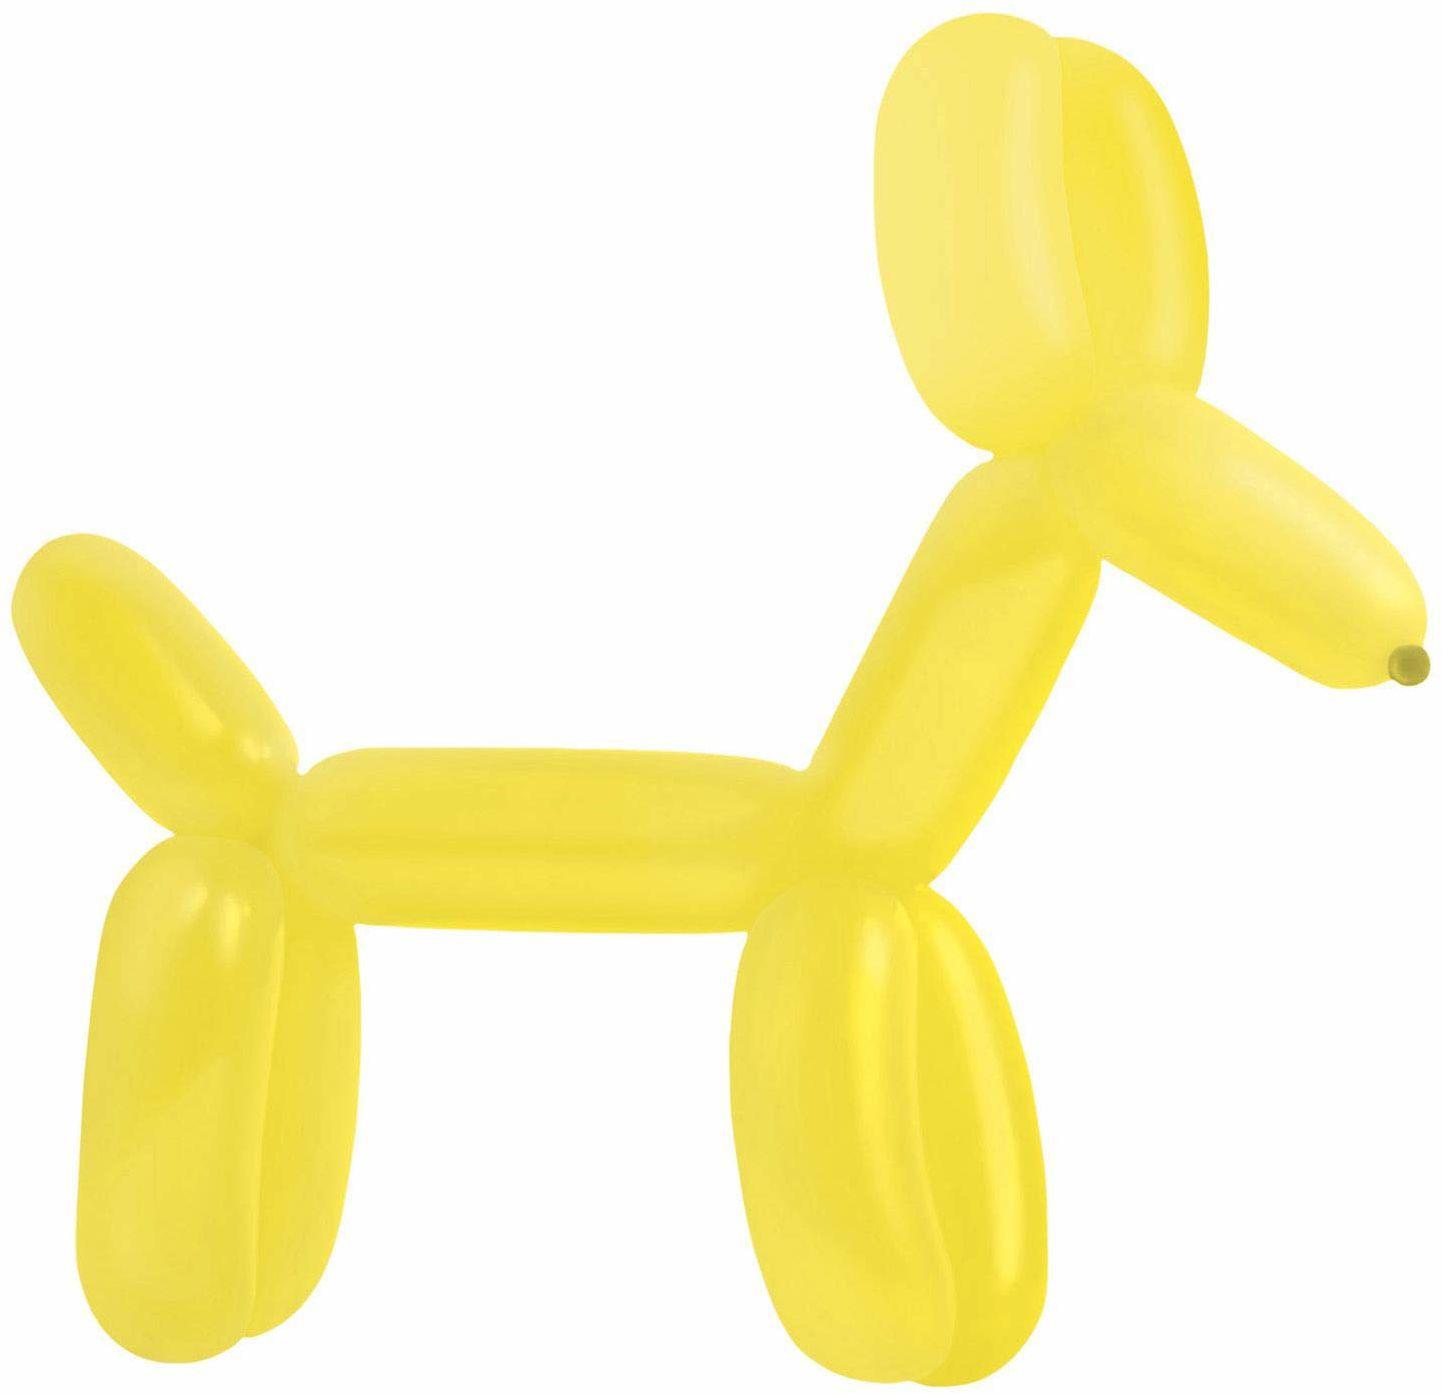 amscan 9905525 100 balony lateksowe do modelowania standard E260, żółte